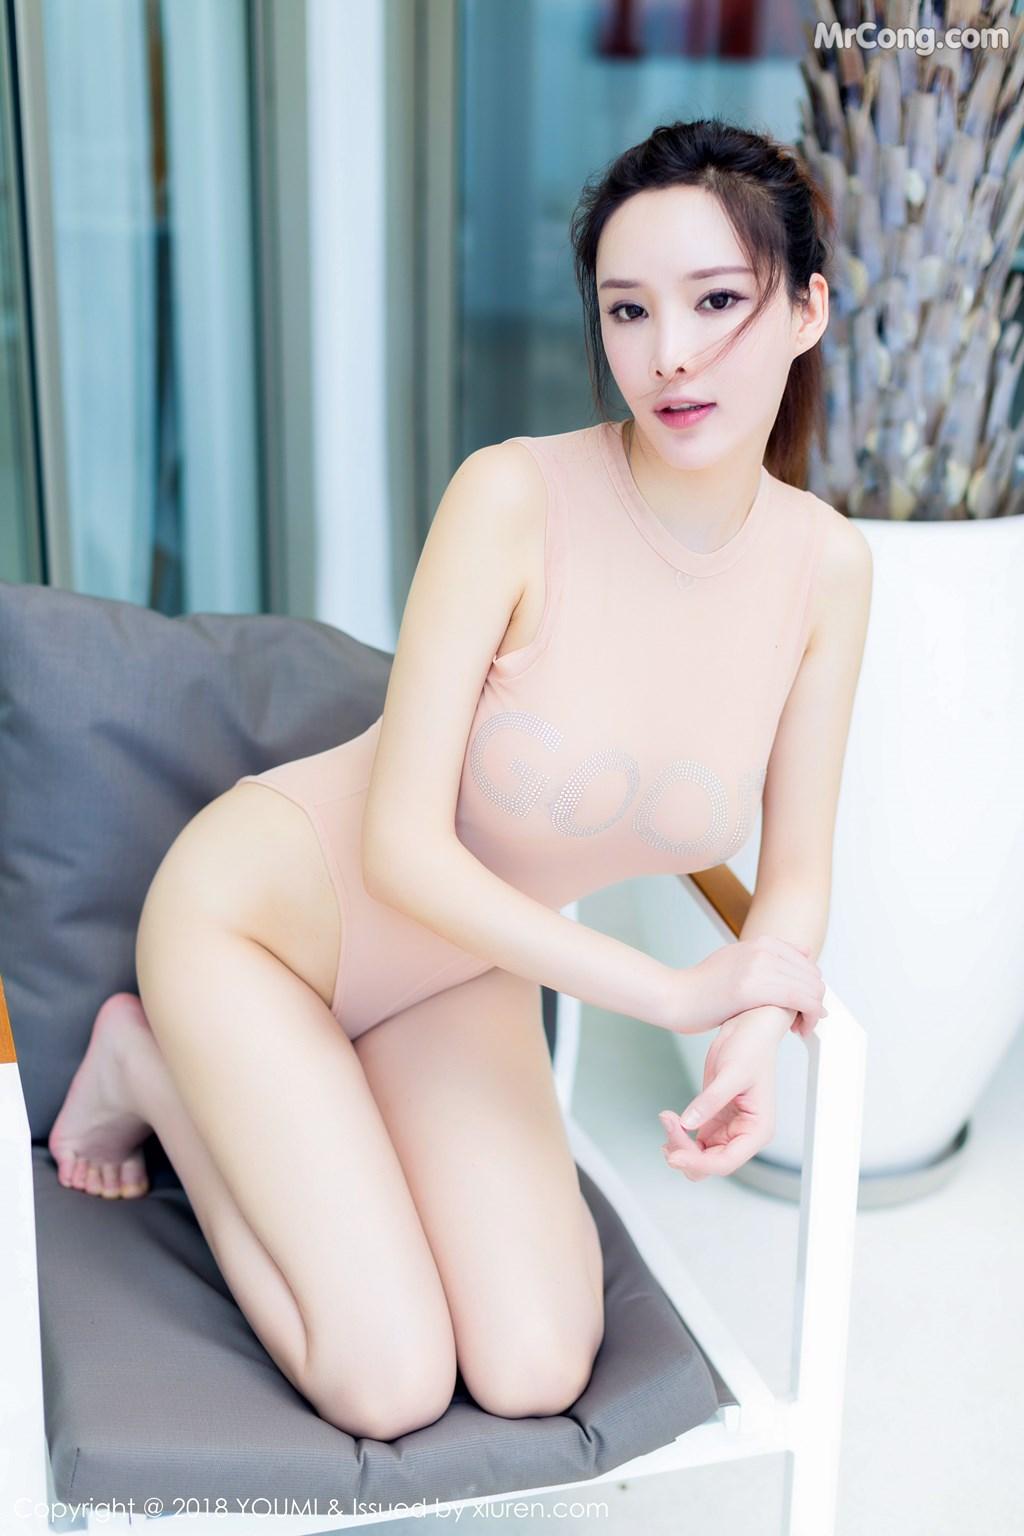 Image YouMi-Vol.150-Tu-Fei-Yuan-Ai-Cuo-Qiong-MrCong.com-009 in post YouMi Vol.150: Người mẫu 土肥圆矮挫穷 (49 ảnh)